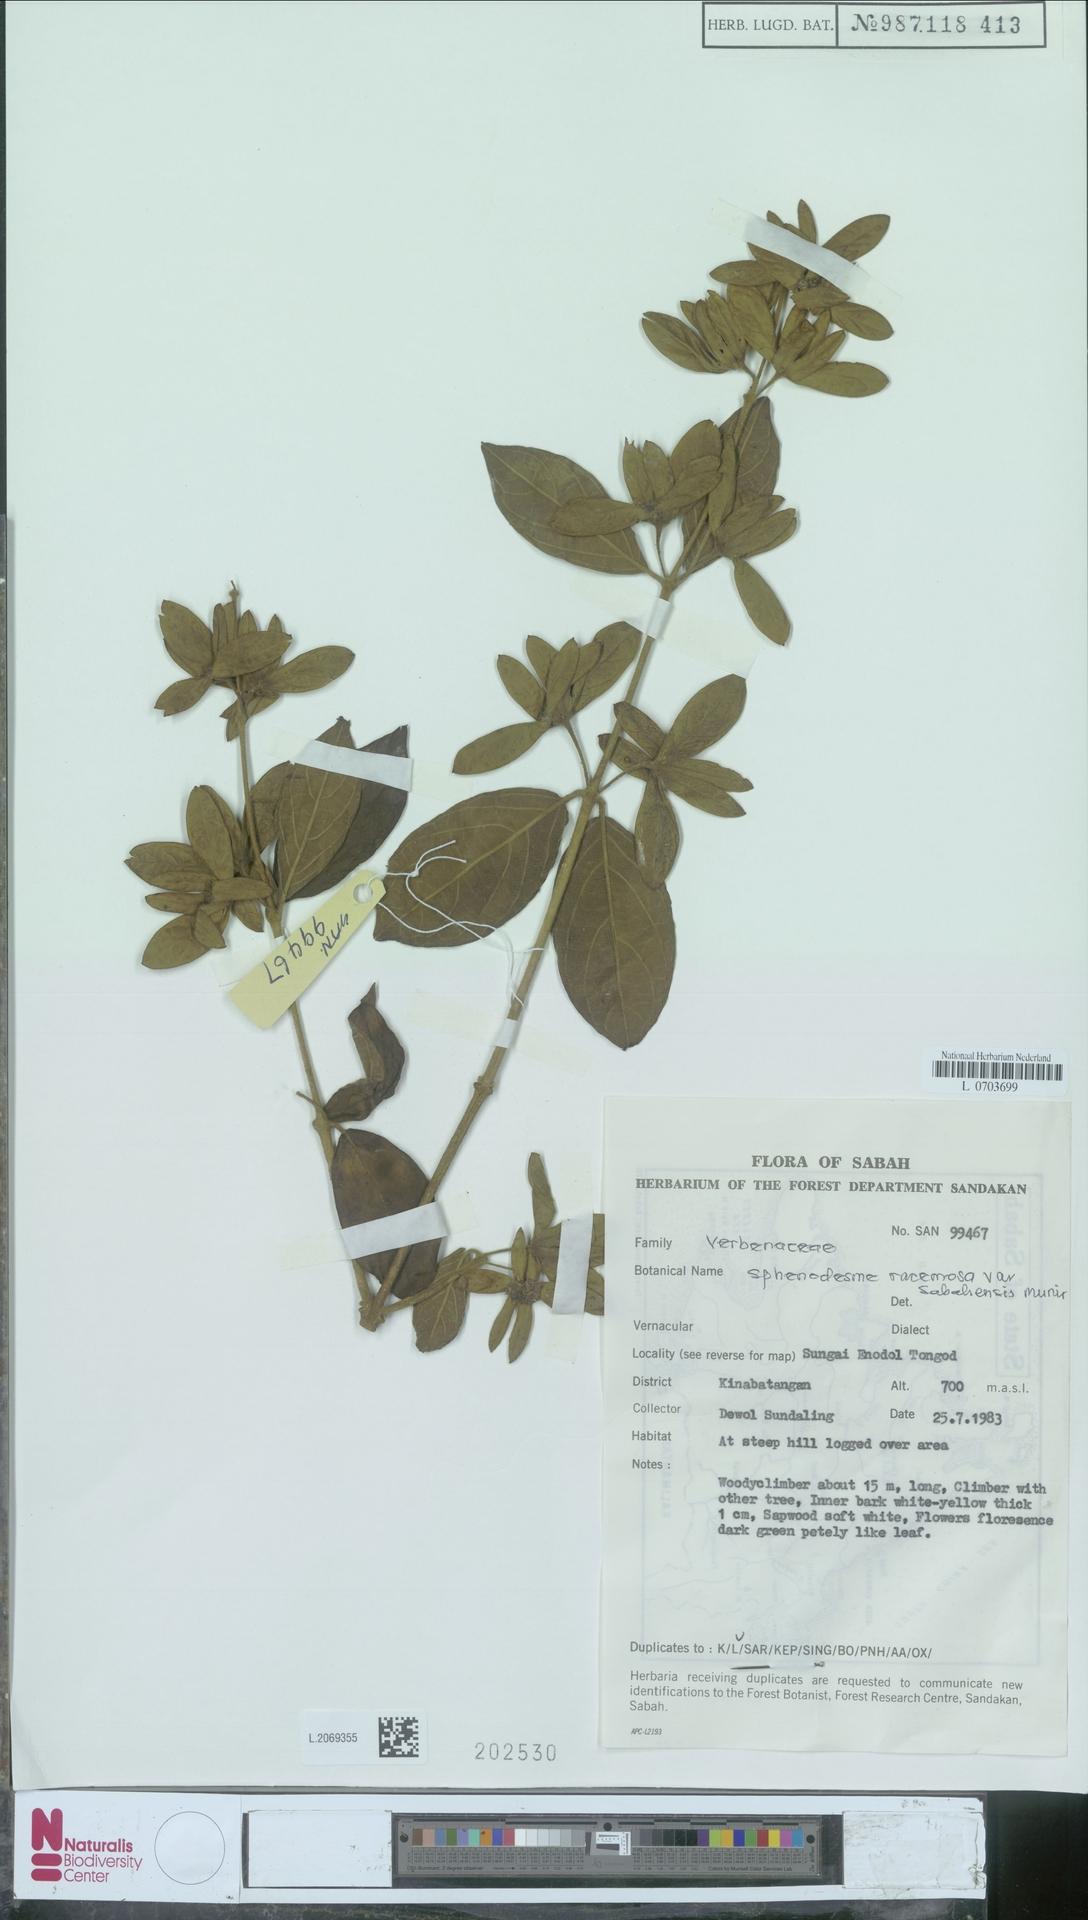 L.2069355 | Sphenodesme racemosa var. sabahensis Munir